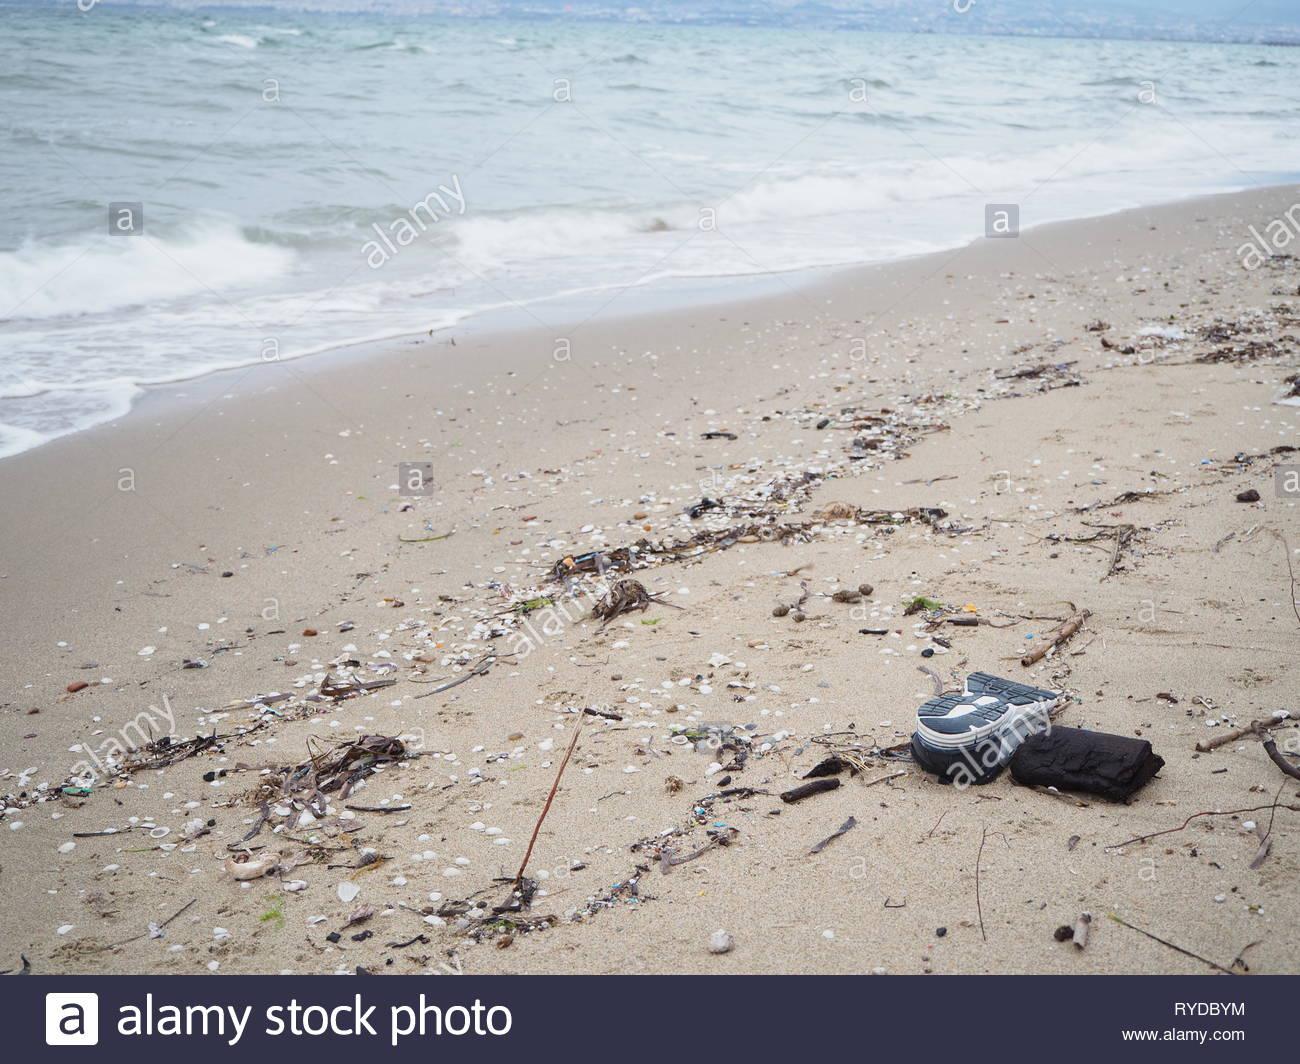 Calzado deportivo abandonados en la playa Imagen De Stock